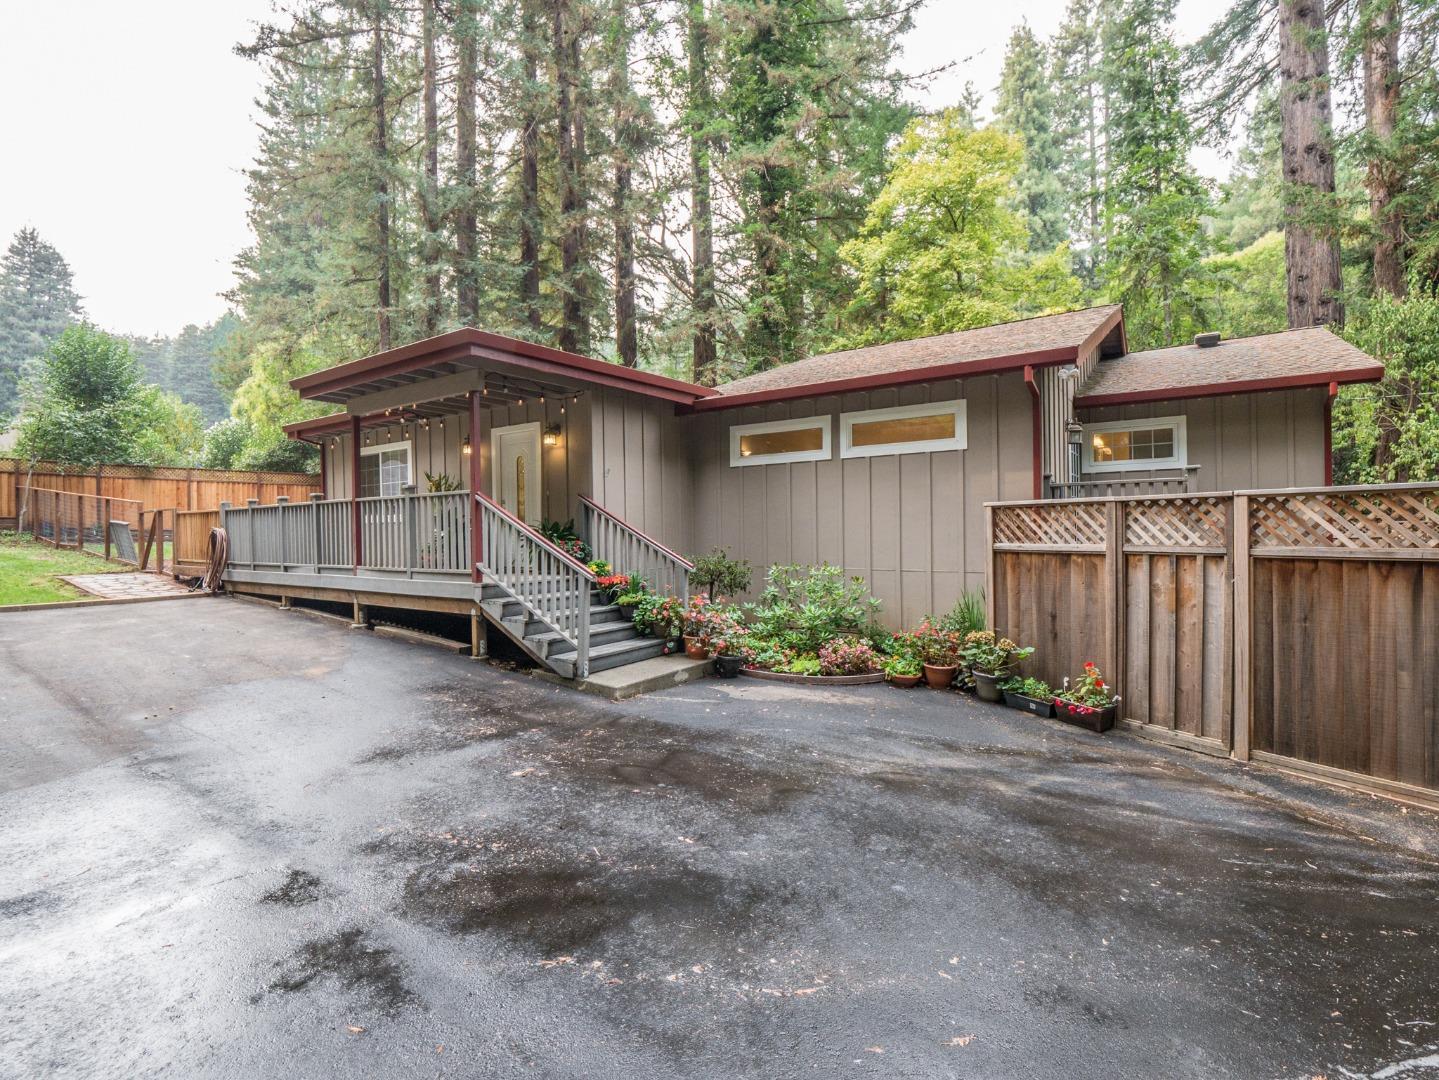 一戸建て のために 売買 アット 260 Crystal Springs Road 260 Crystal Springs Road Felton, カリフォルニア 95018 アメリカ合衆国